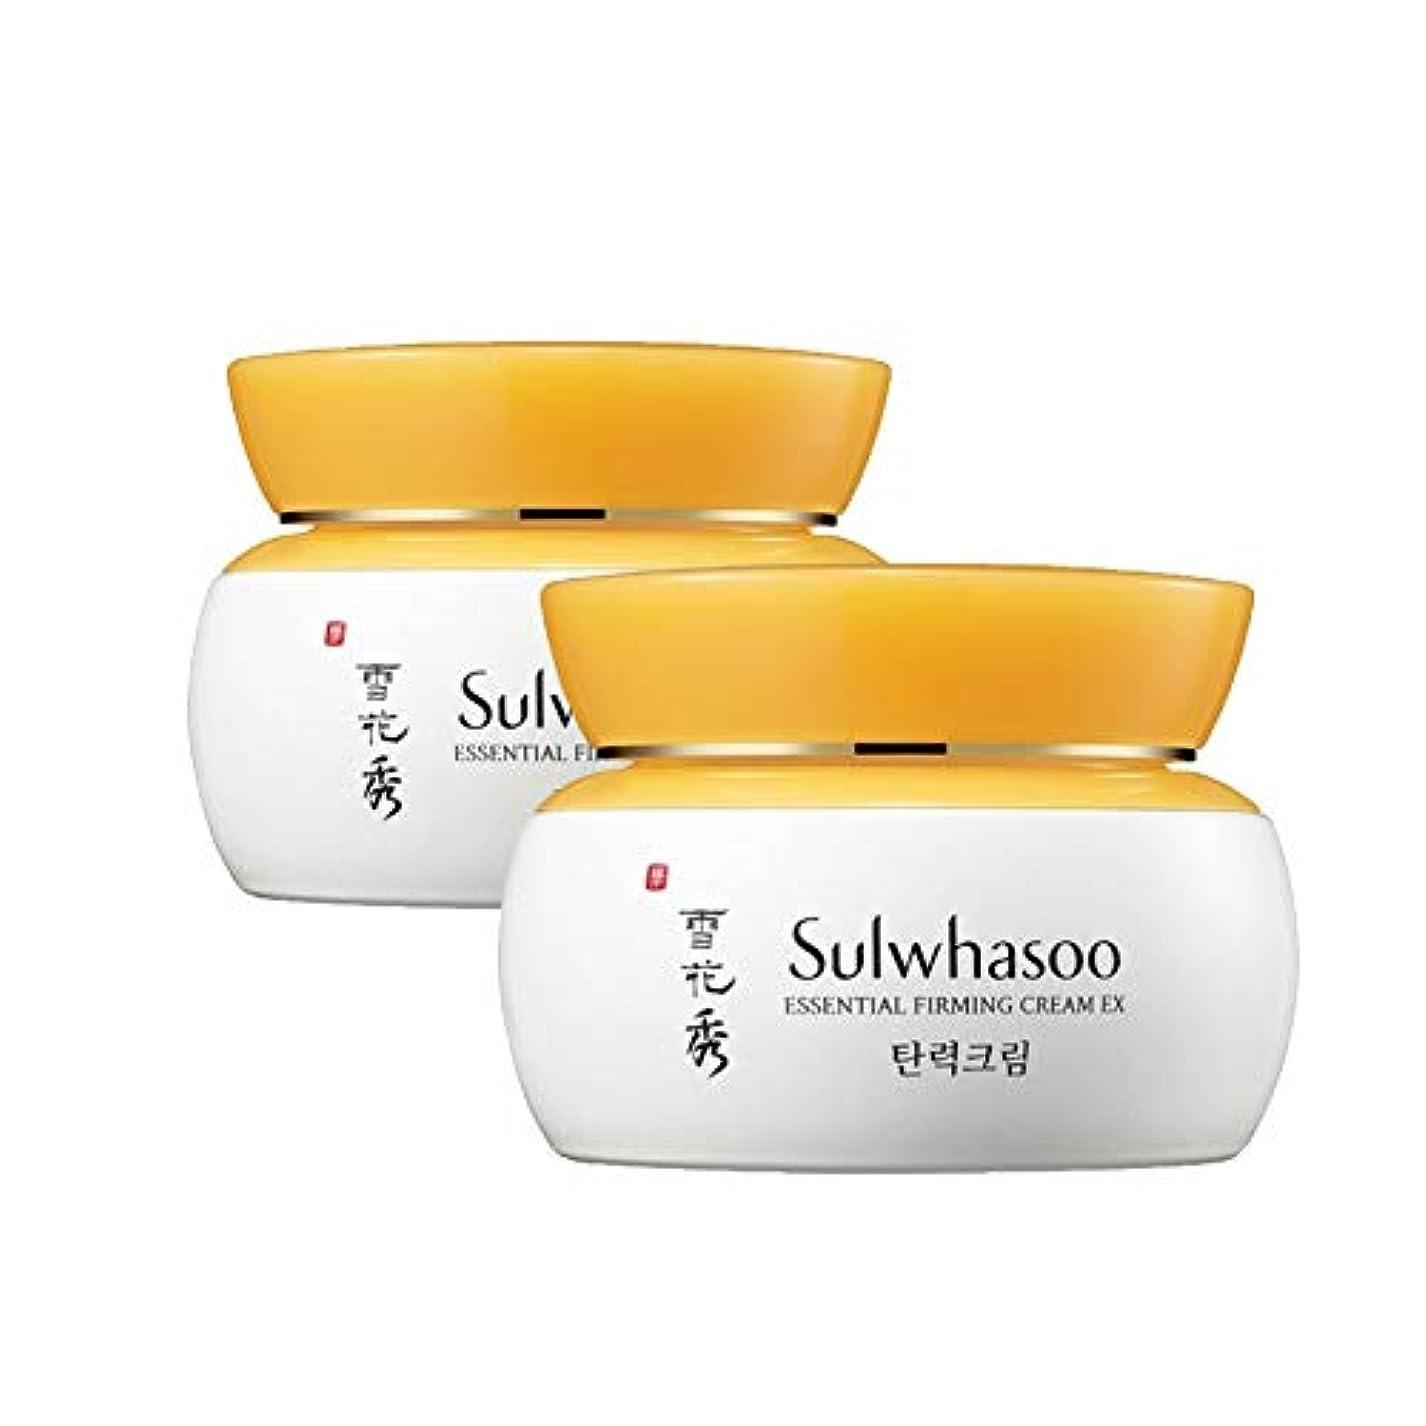 副産物慈善時々雪花秀エッセンシャルパーミングクリーム 75mlx2本セット 弾力クリーム韓国コスメ、Sulwhasoo Essential Firming Cream 75ml x 2ea Set Korean Cosmetics [...